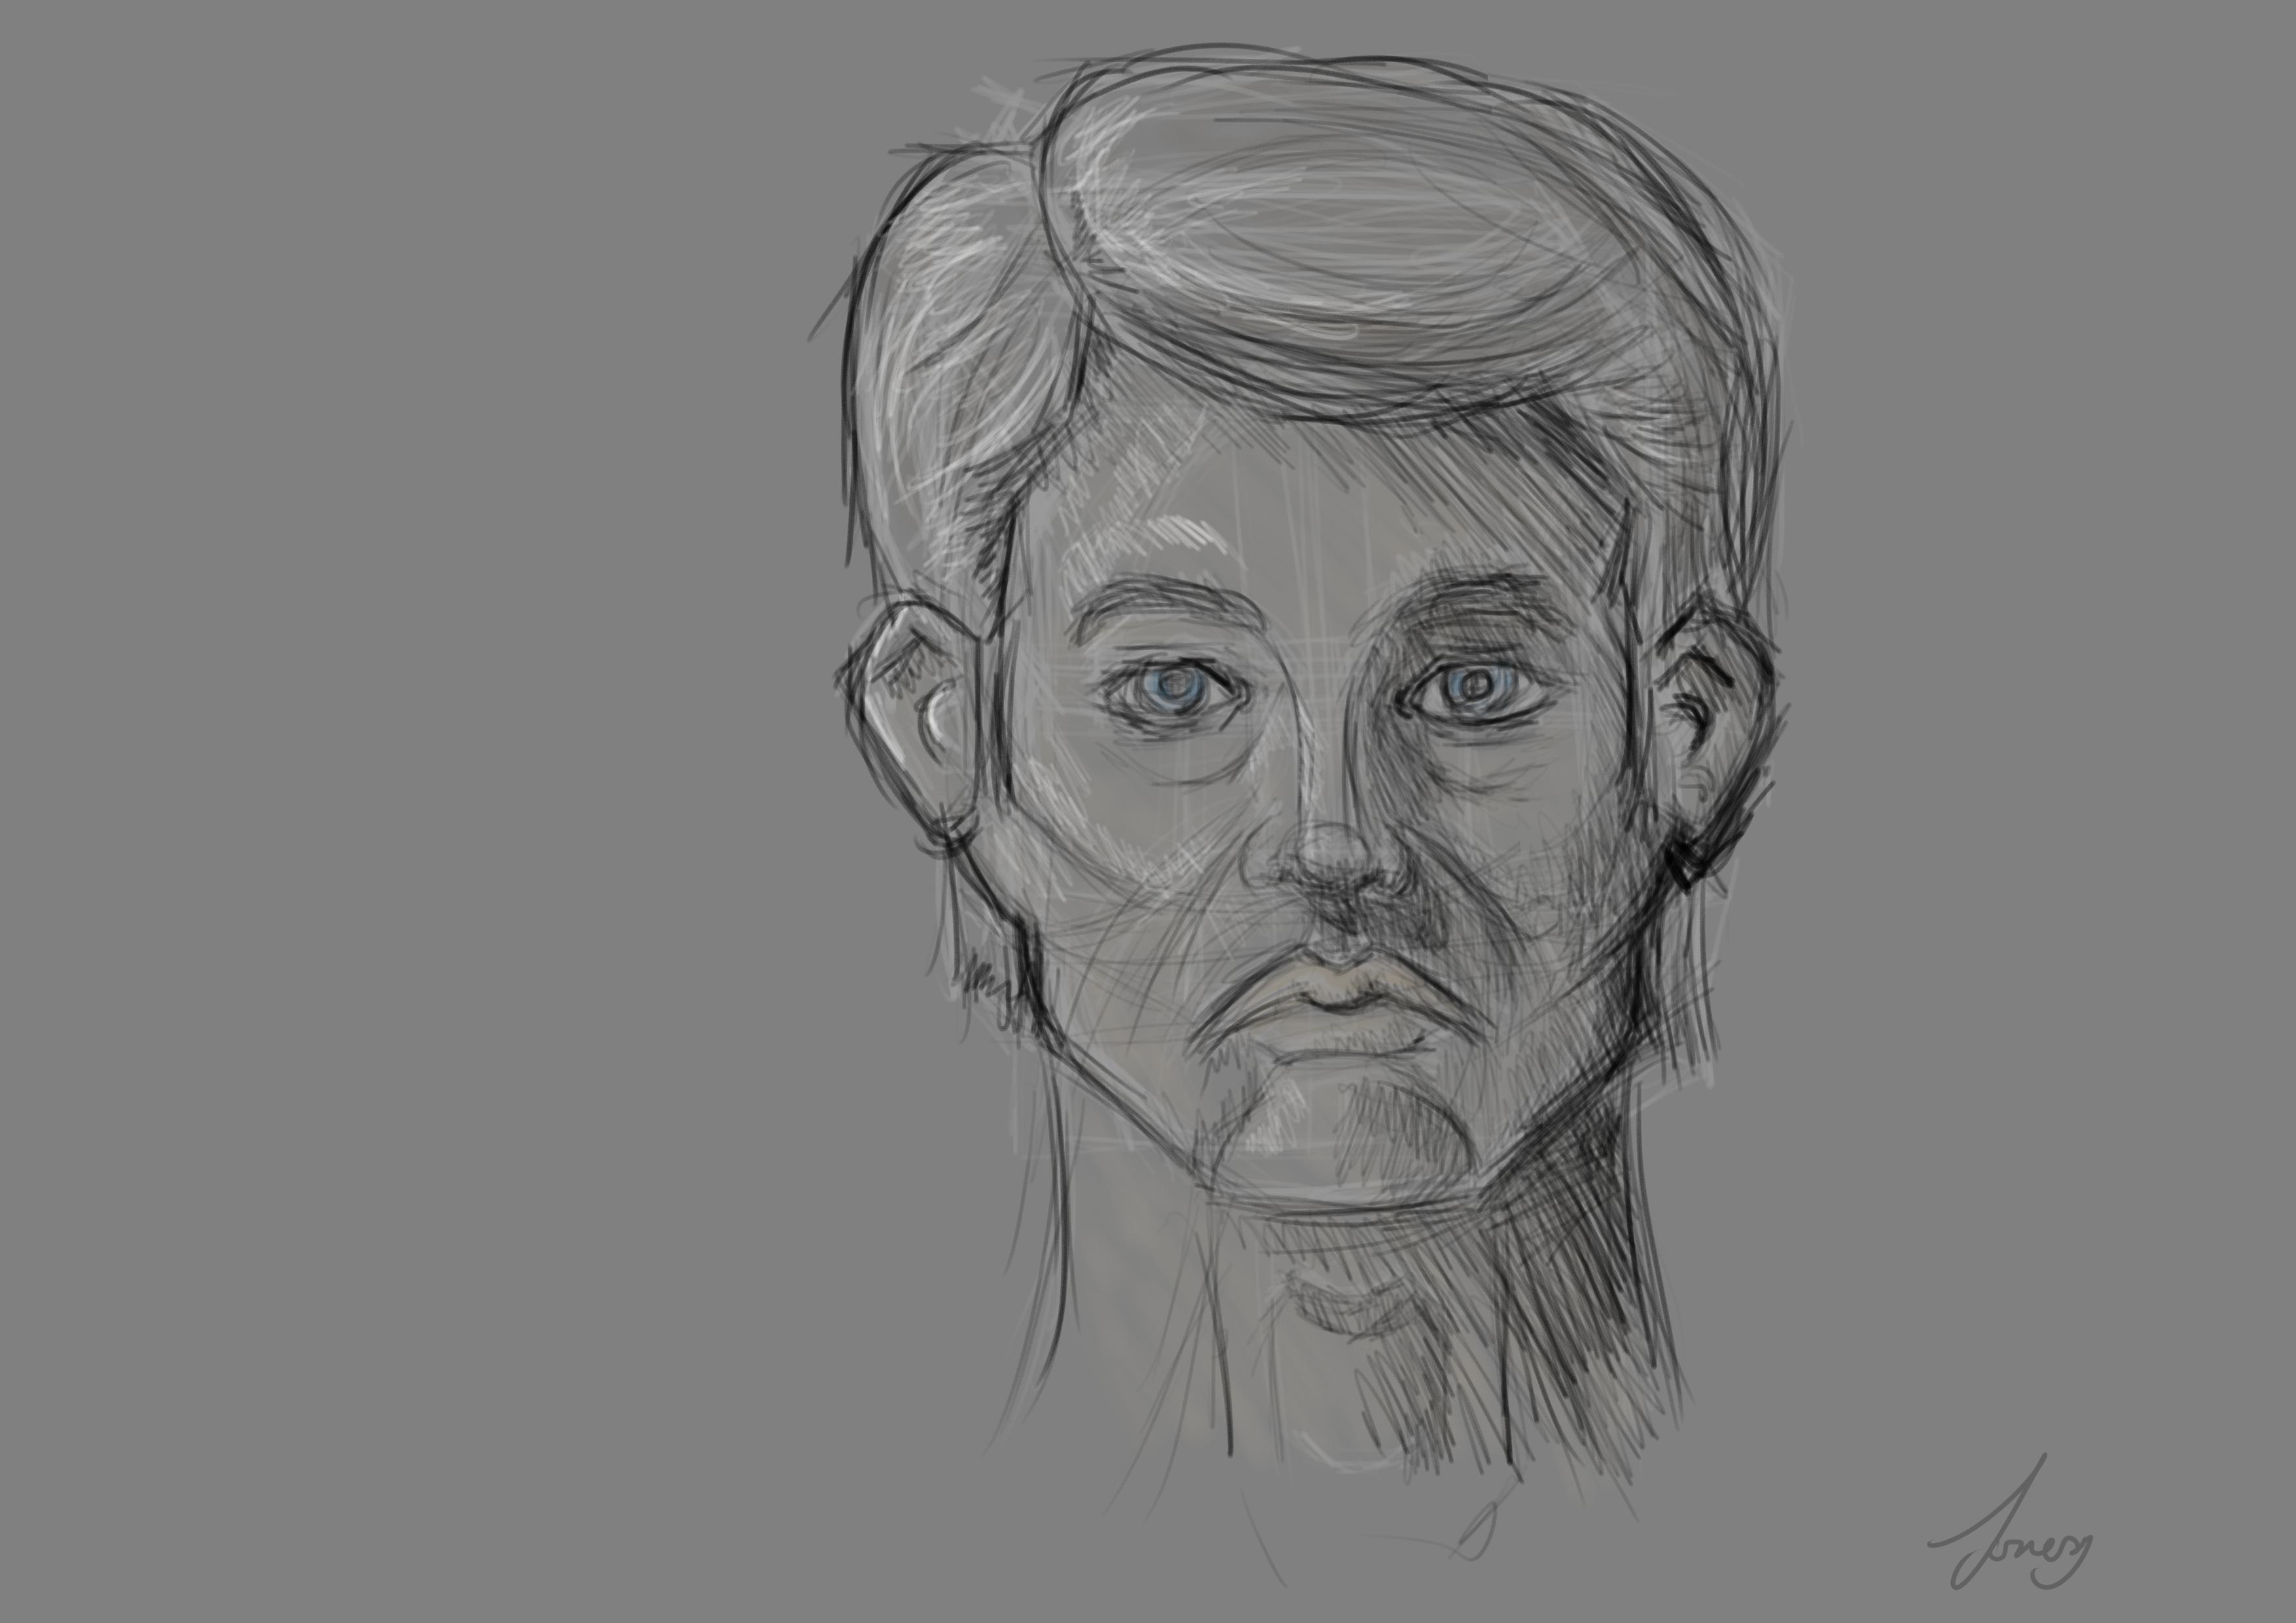 A Face sketch